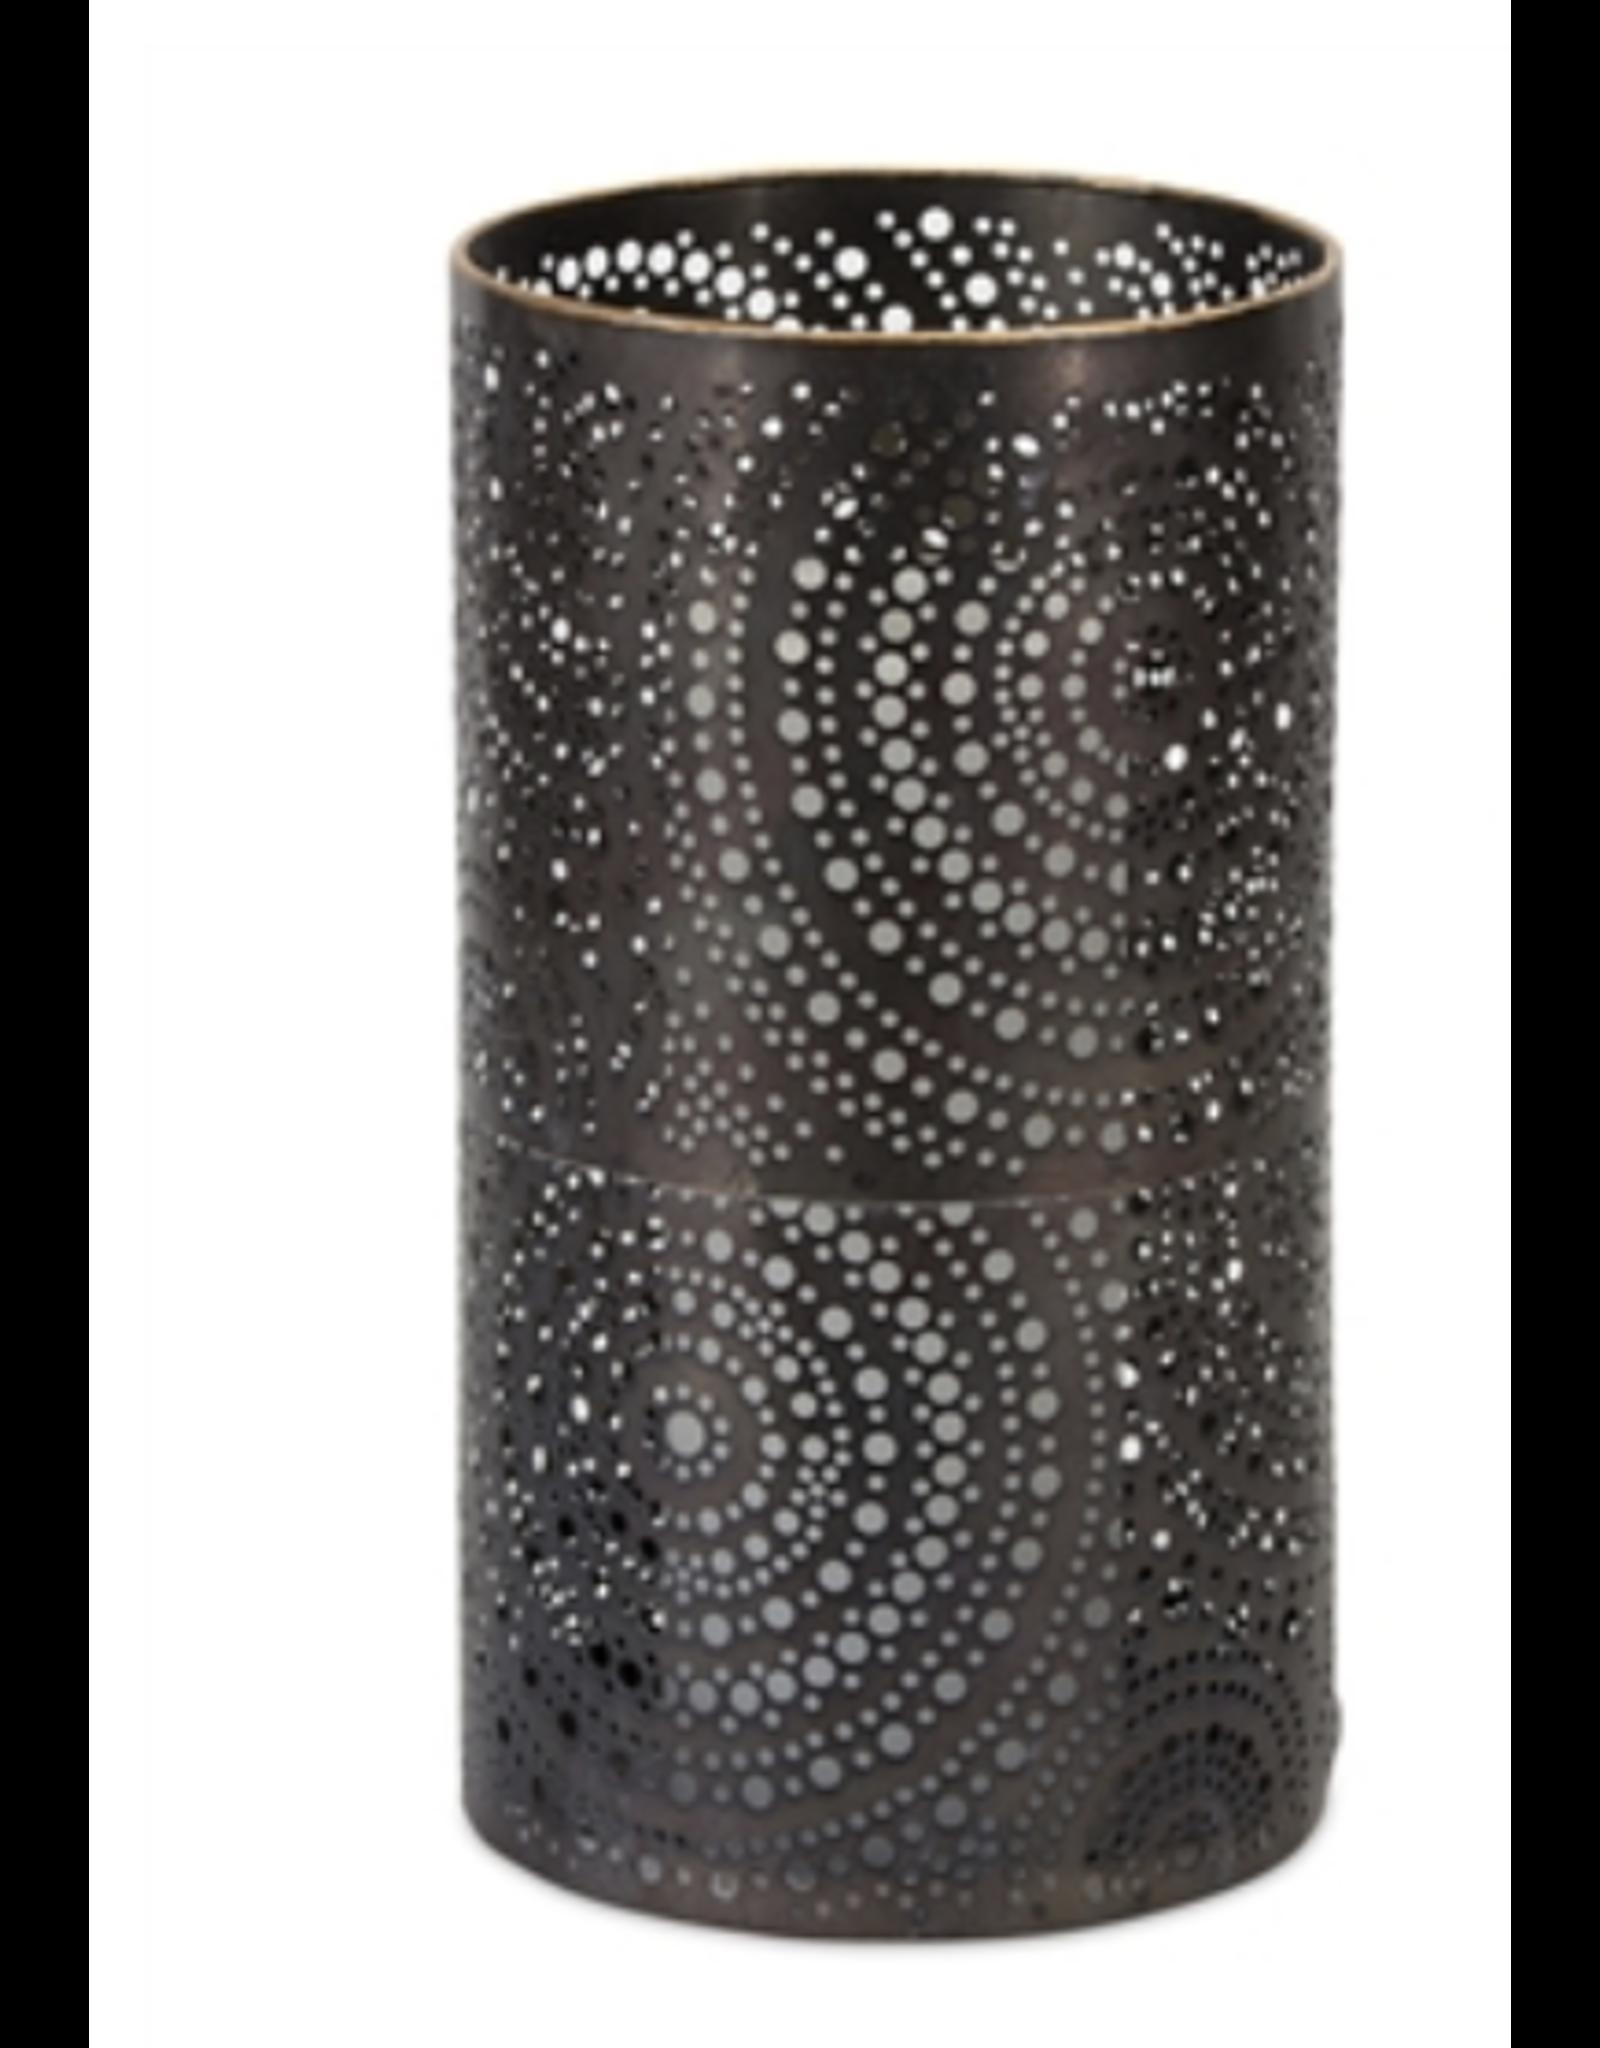 Melrose Melrose Candle Holder Large